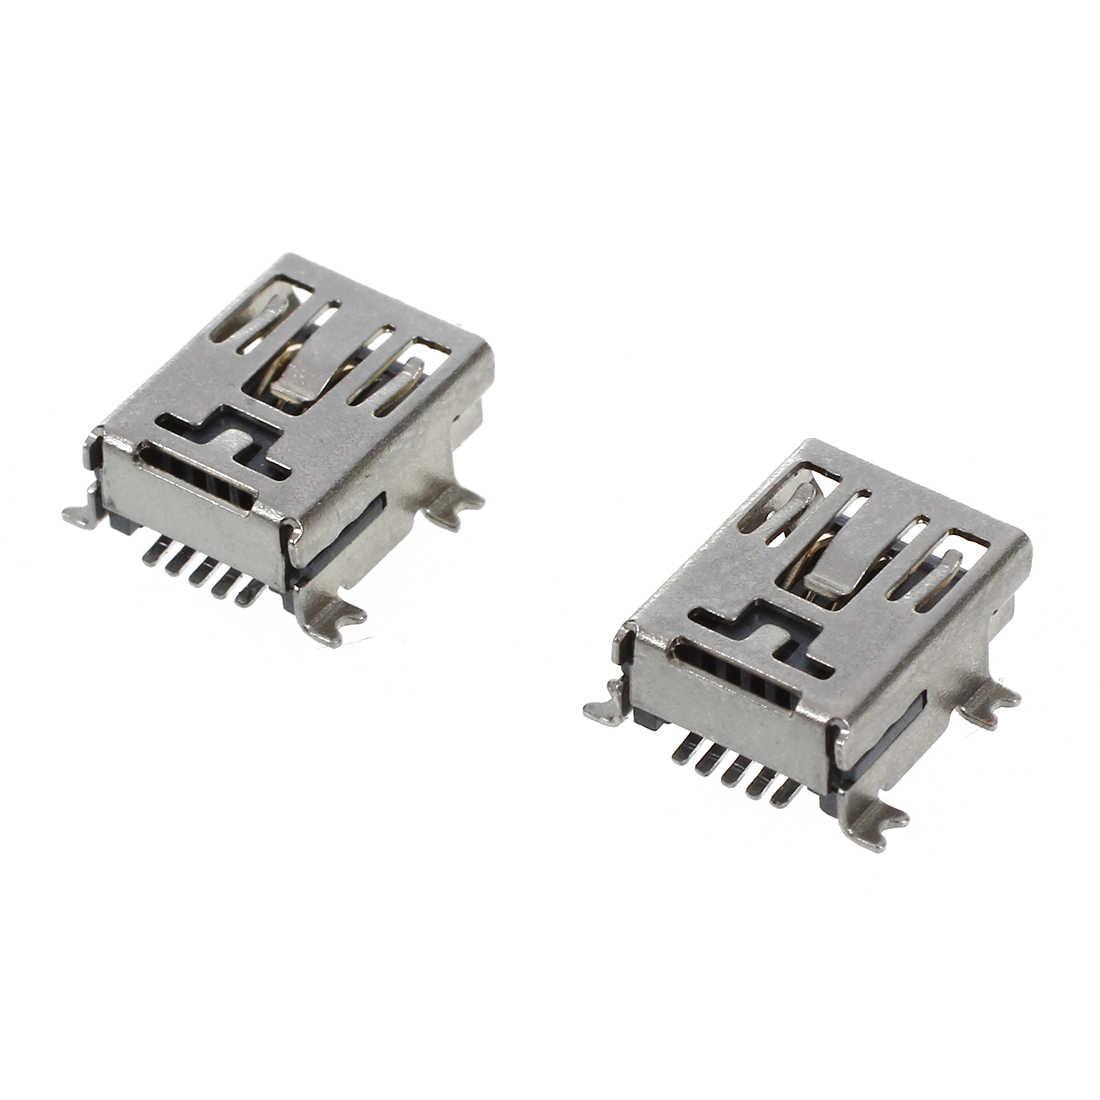 10 sztuk Mini USB 5 pinowe gniazdo żeńskie DIY złącze SMT srebrny Tone ciemny szary